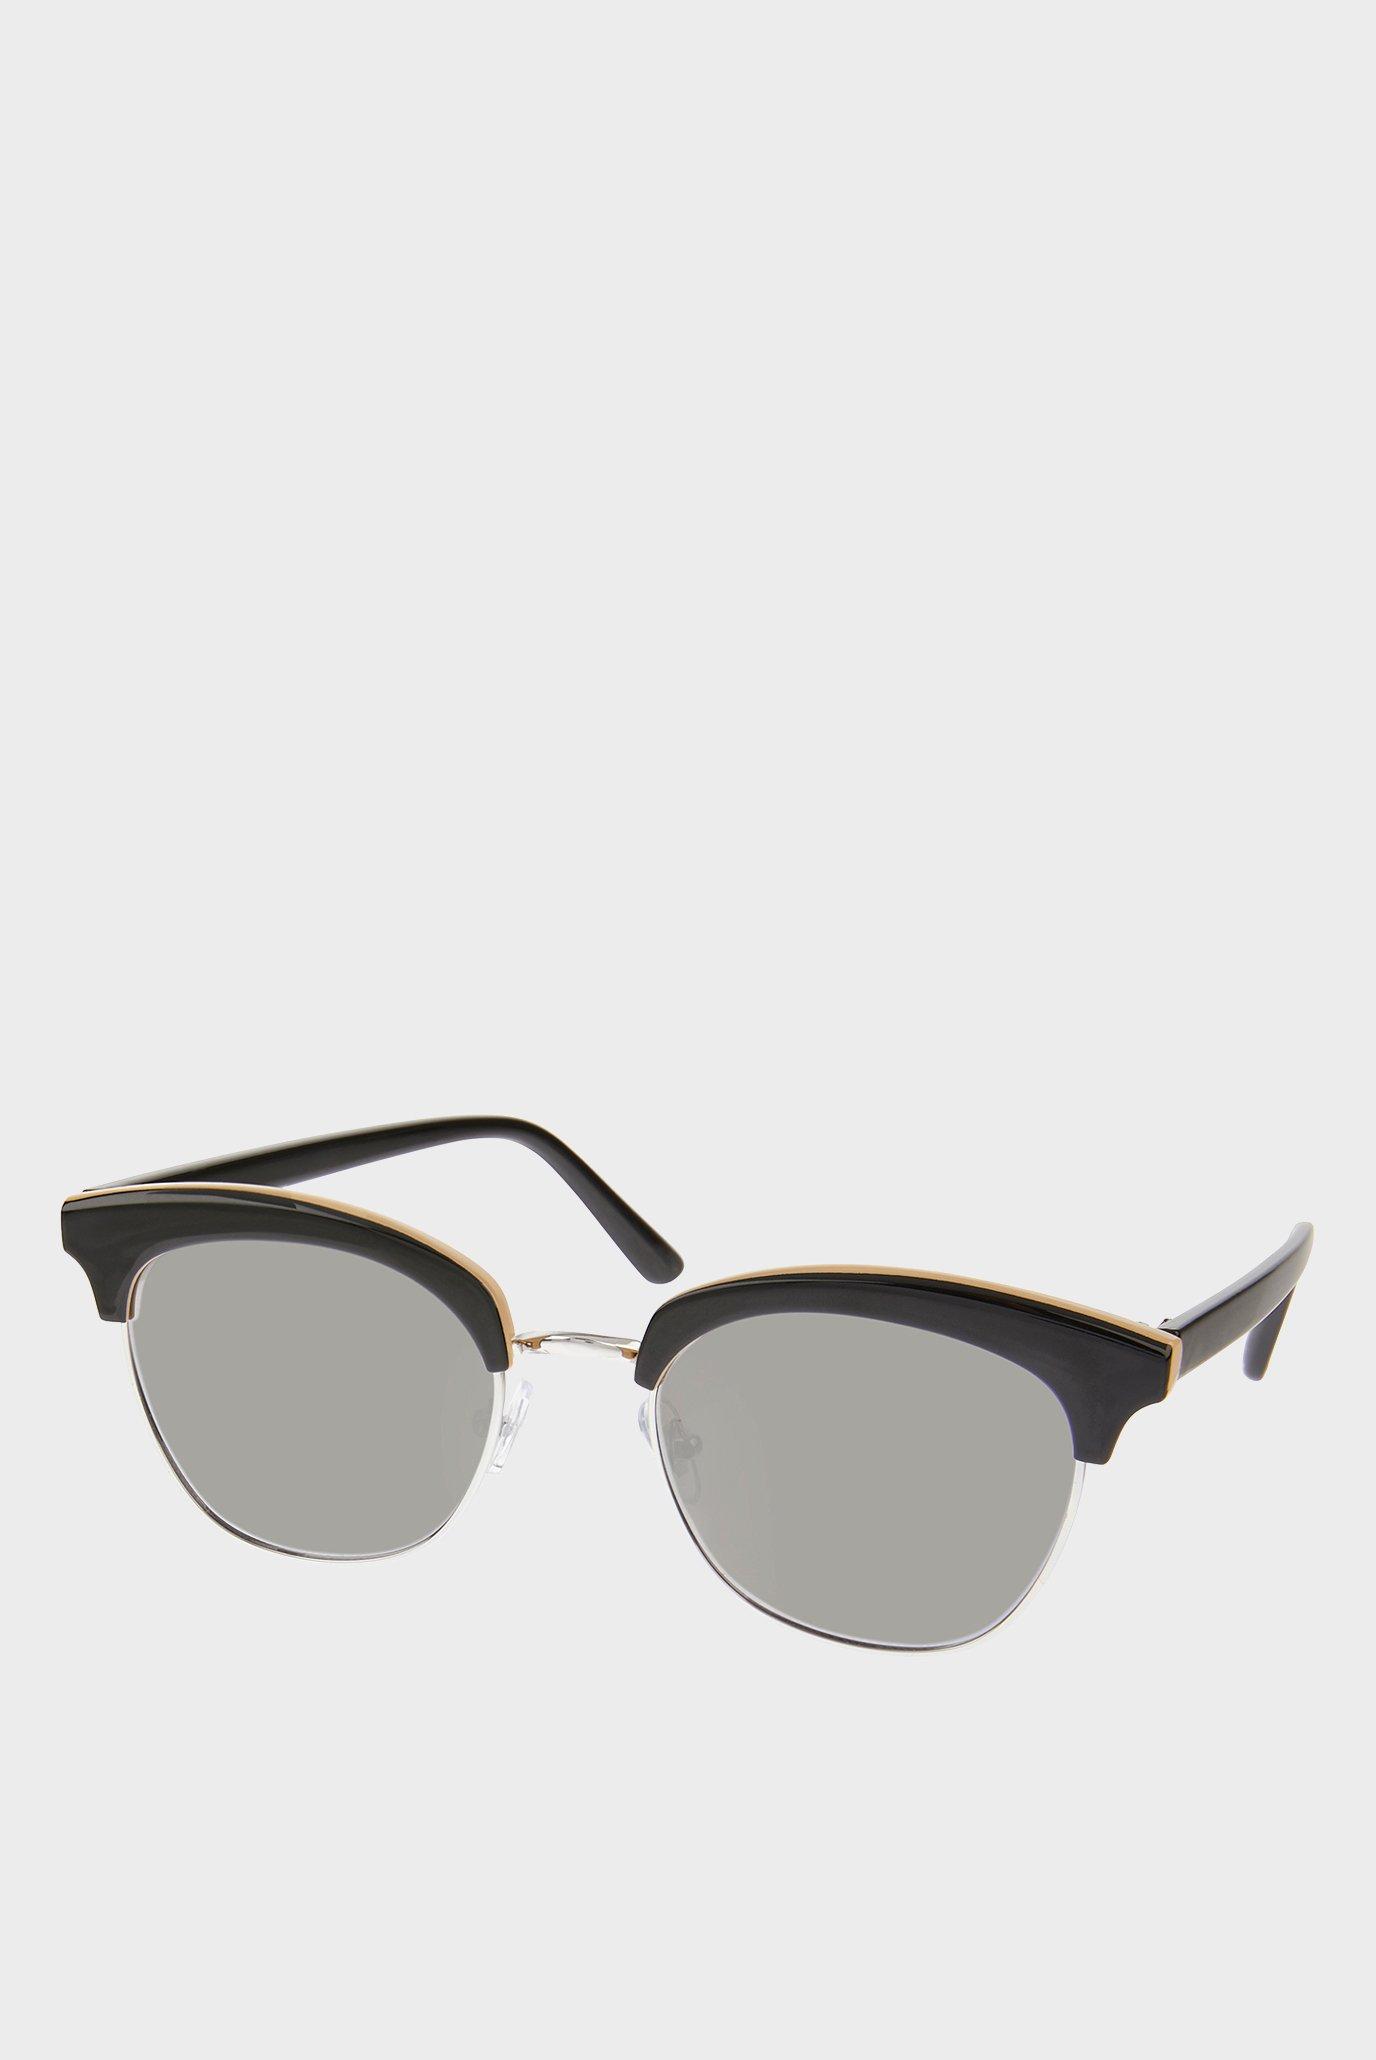 Жіночі чорні сонцезахисні окуляри Cally Sunglasses 1